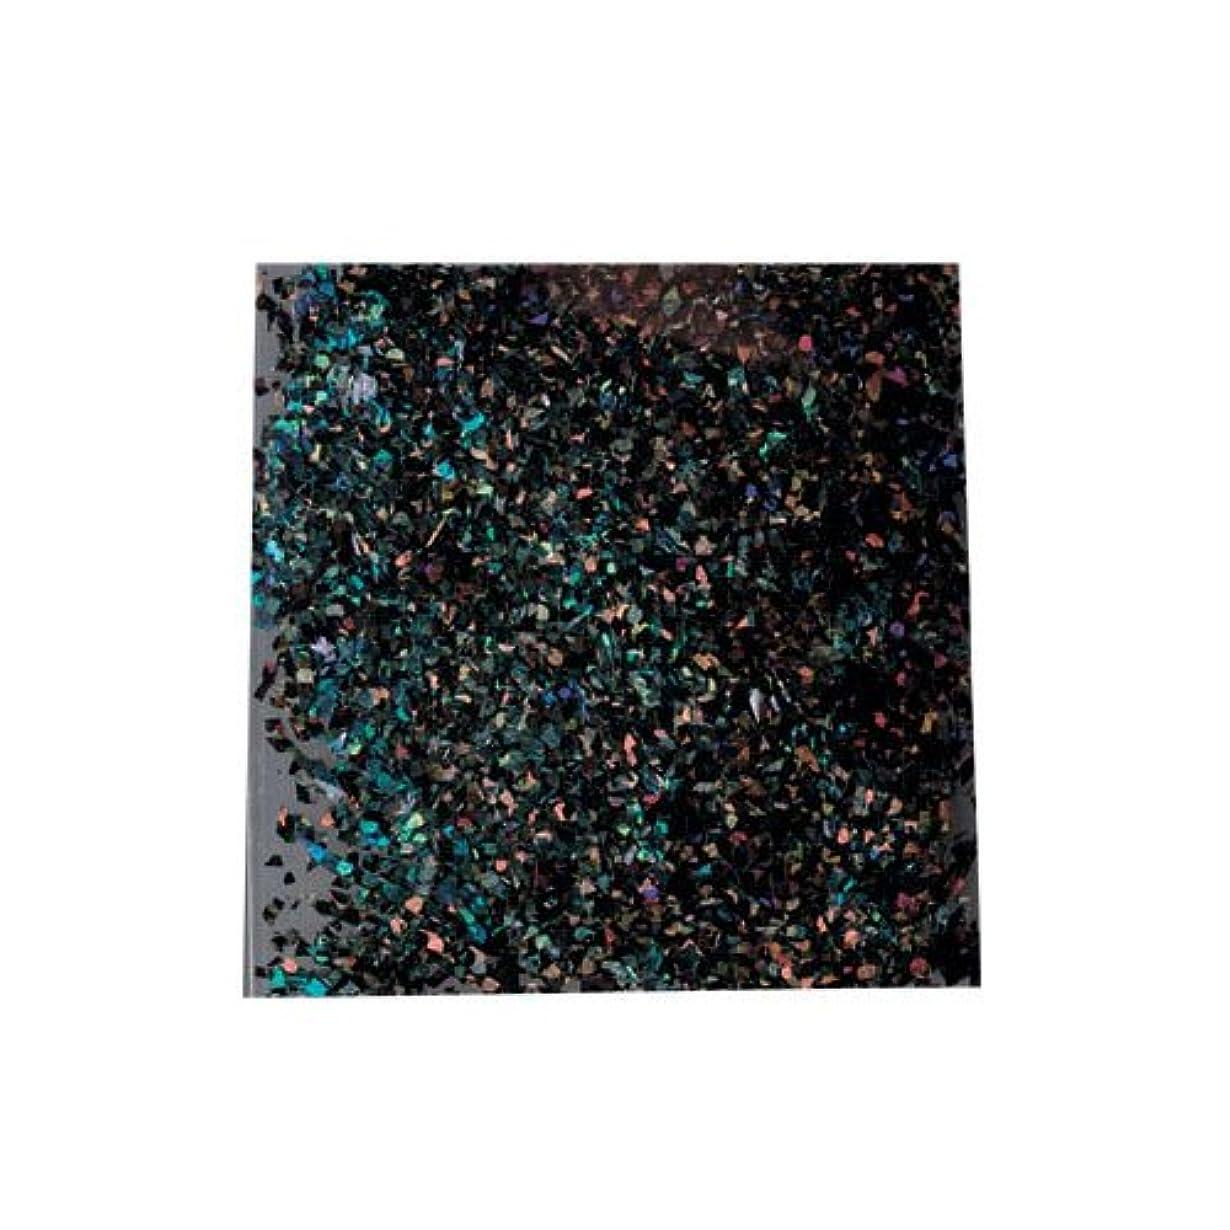 放射する地震有害なピカエース 乱切ホロ #897 ブラック 0.5g アート材